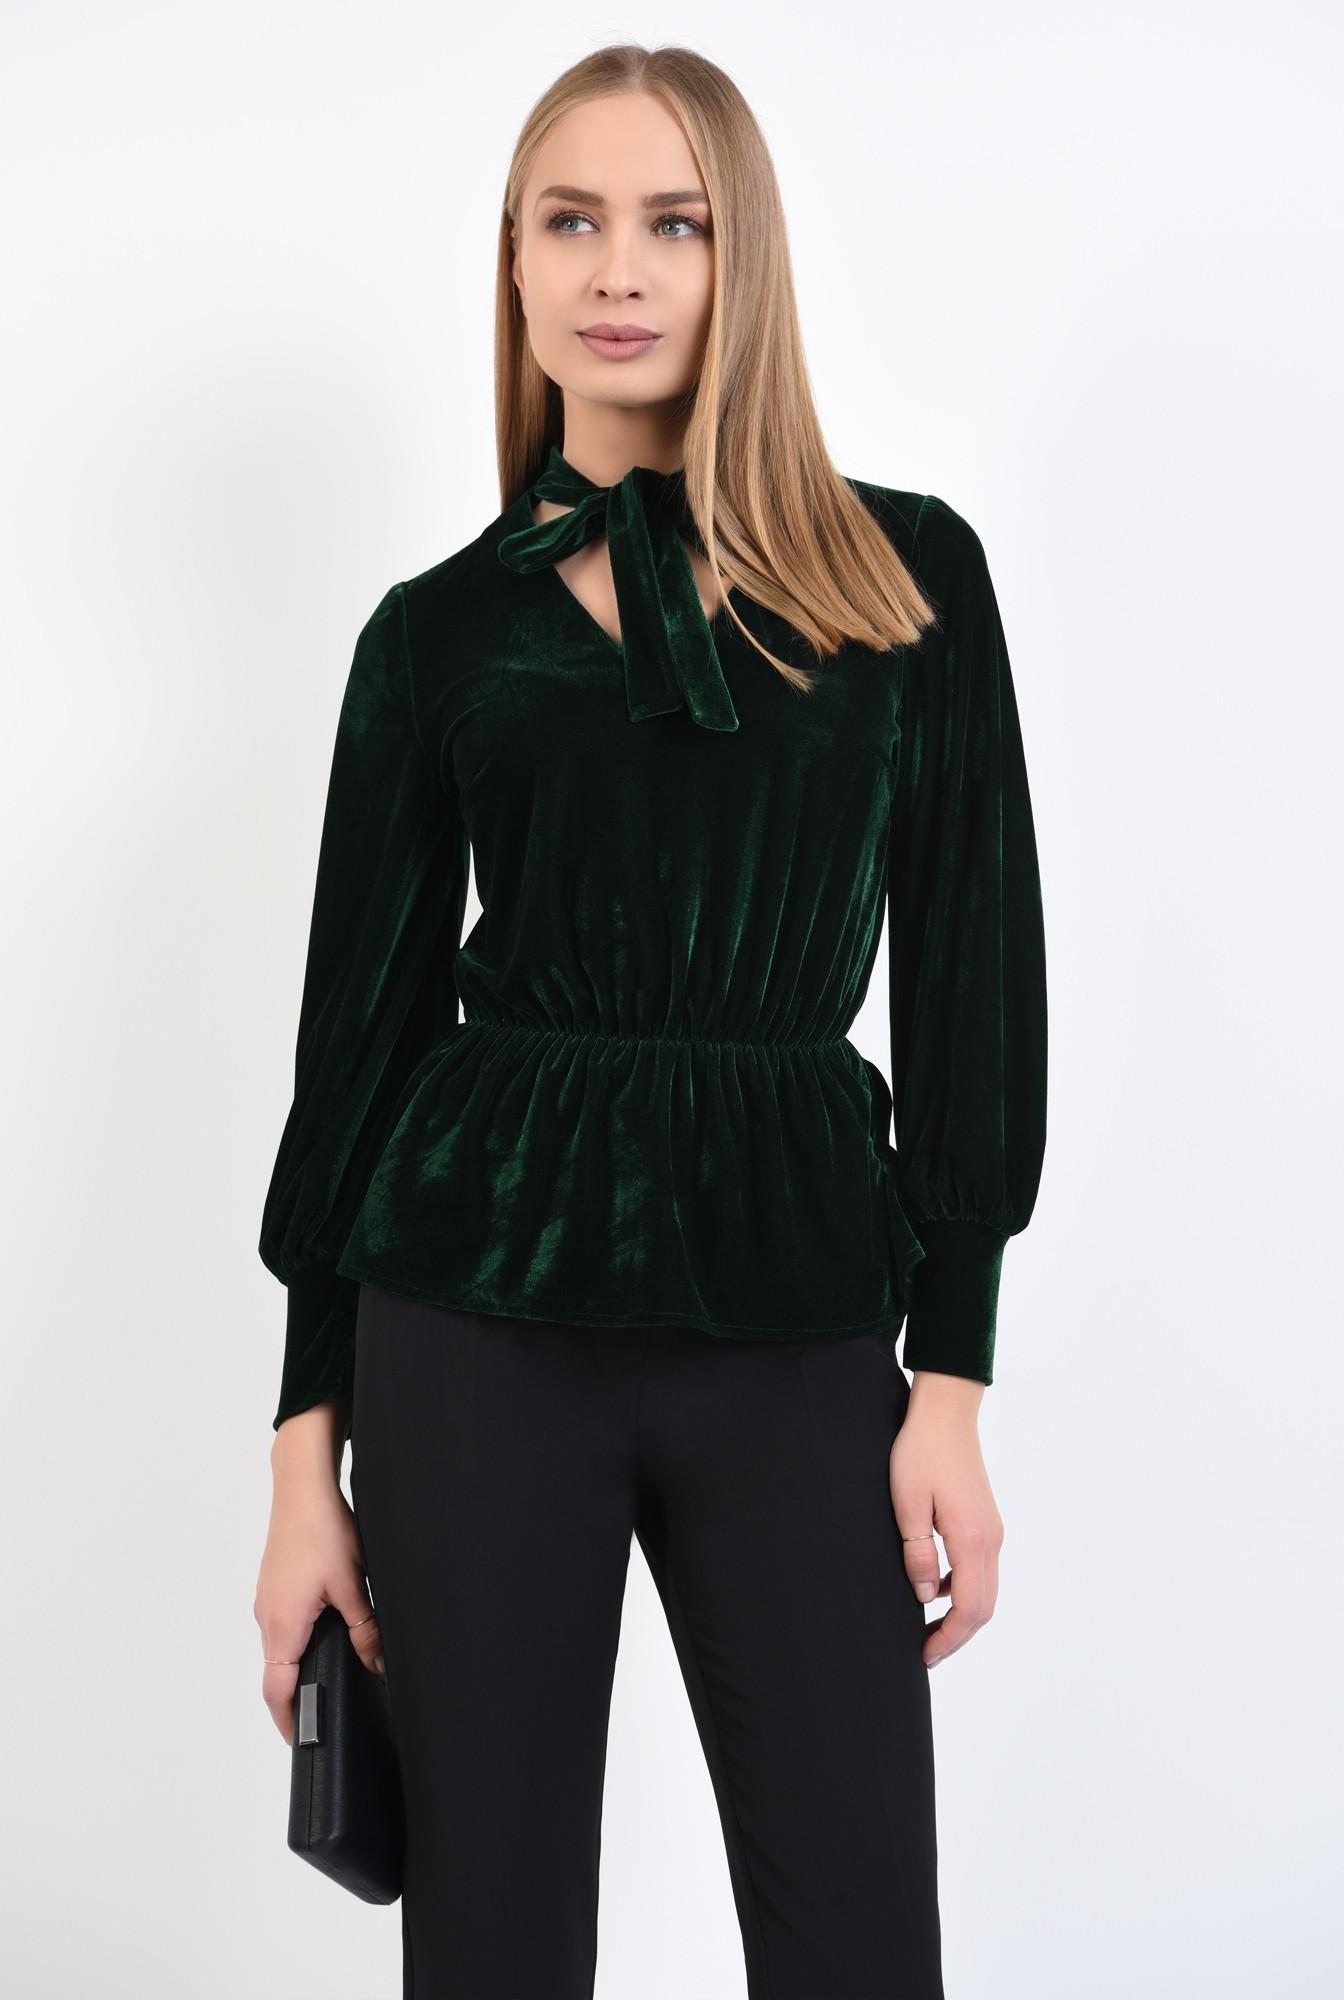 0 - 360 - bluza din catifea verde, cu funda, cu volan, maneci lungi